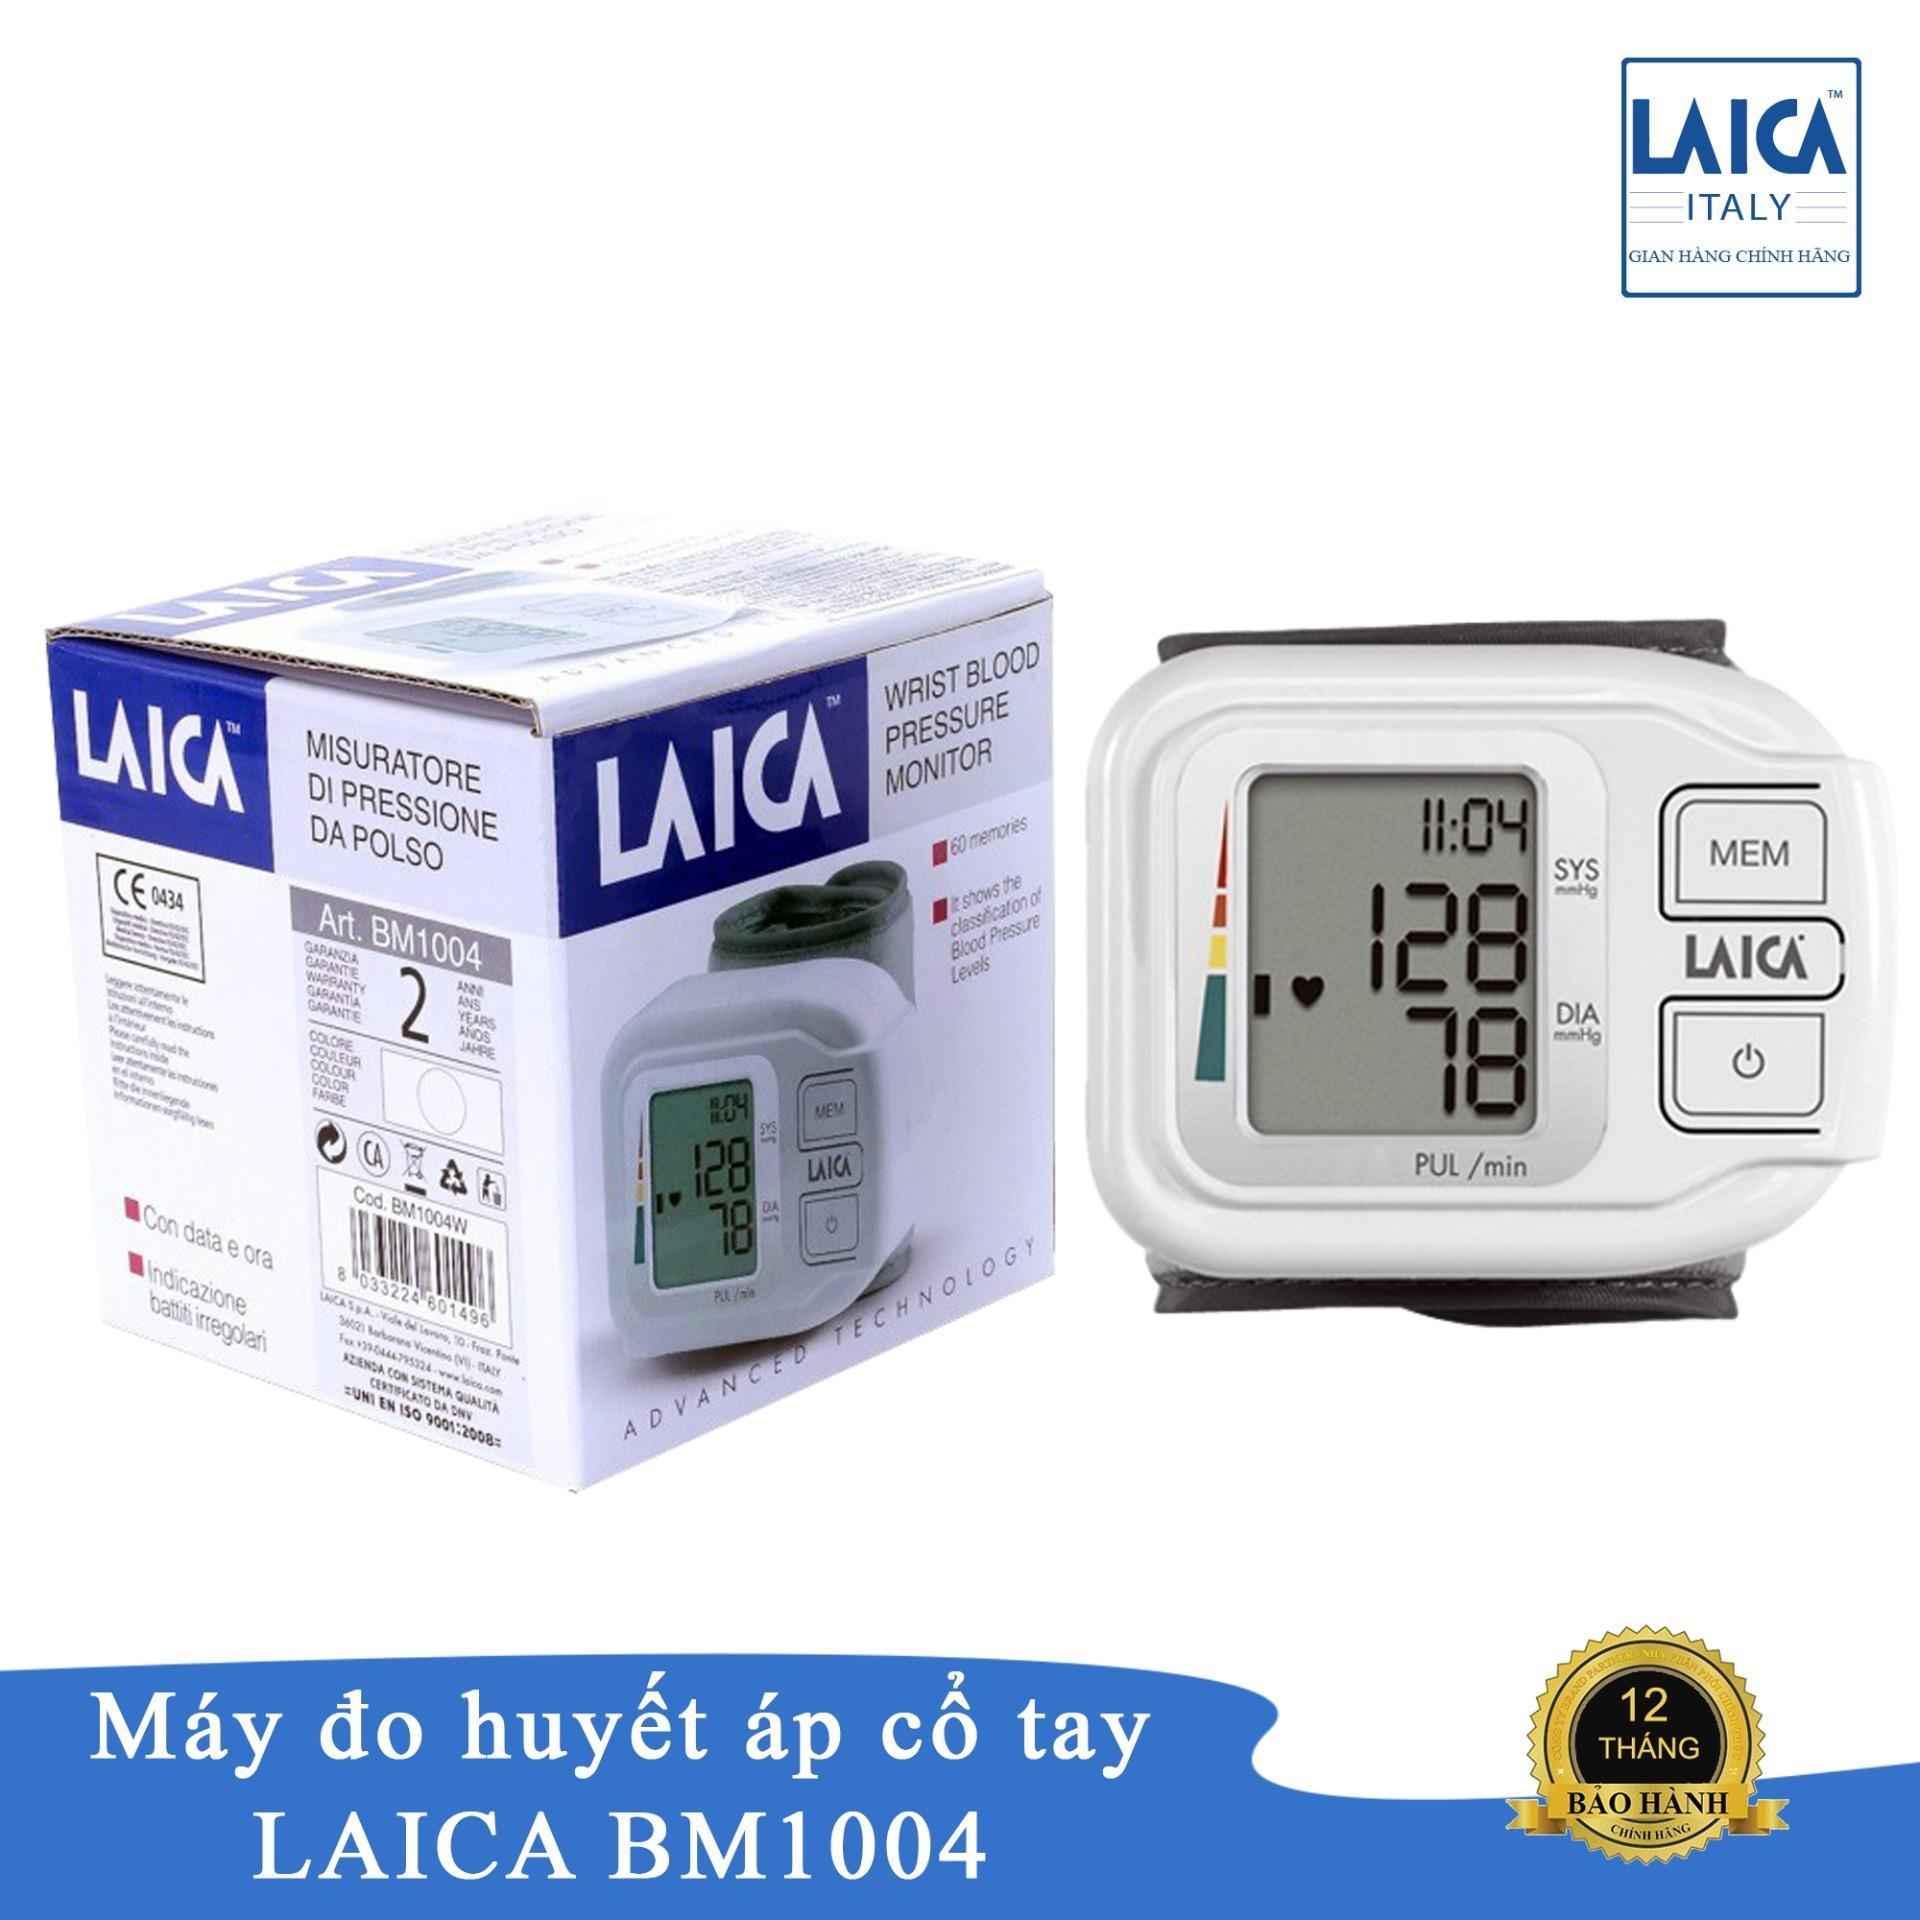 Máy đo Huyết áp  điện Tử Cổ Tay Laicai BM1004 Giá Ưu Đãi Không Thể Bỏ Lỡ